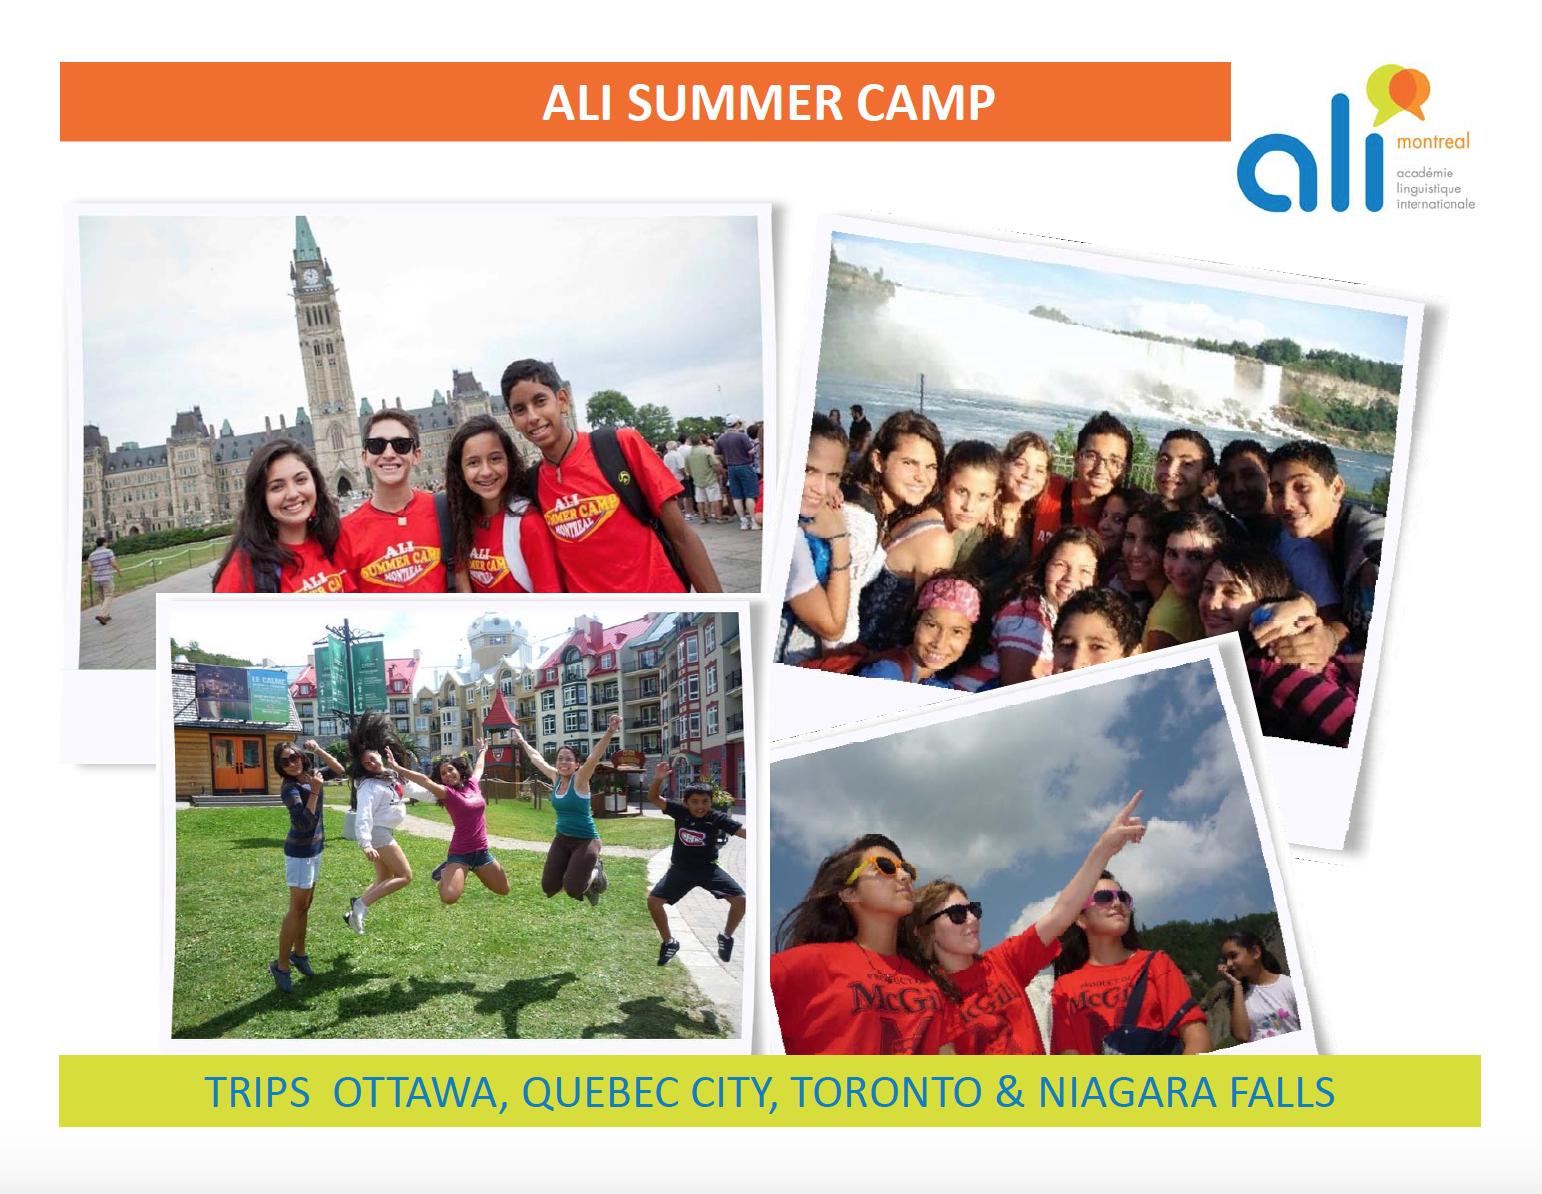 Screenshot 2015-11-15 20.48.13  Summer Camp: Programa de Verão com Inglês em Montreal, Canadá Screenshot 2015 11 15 20